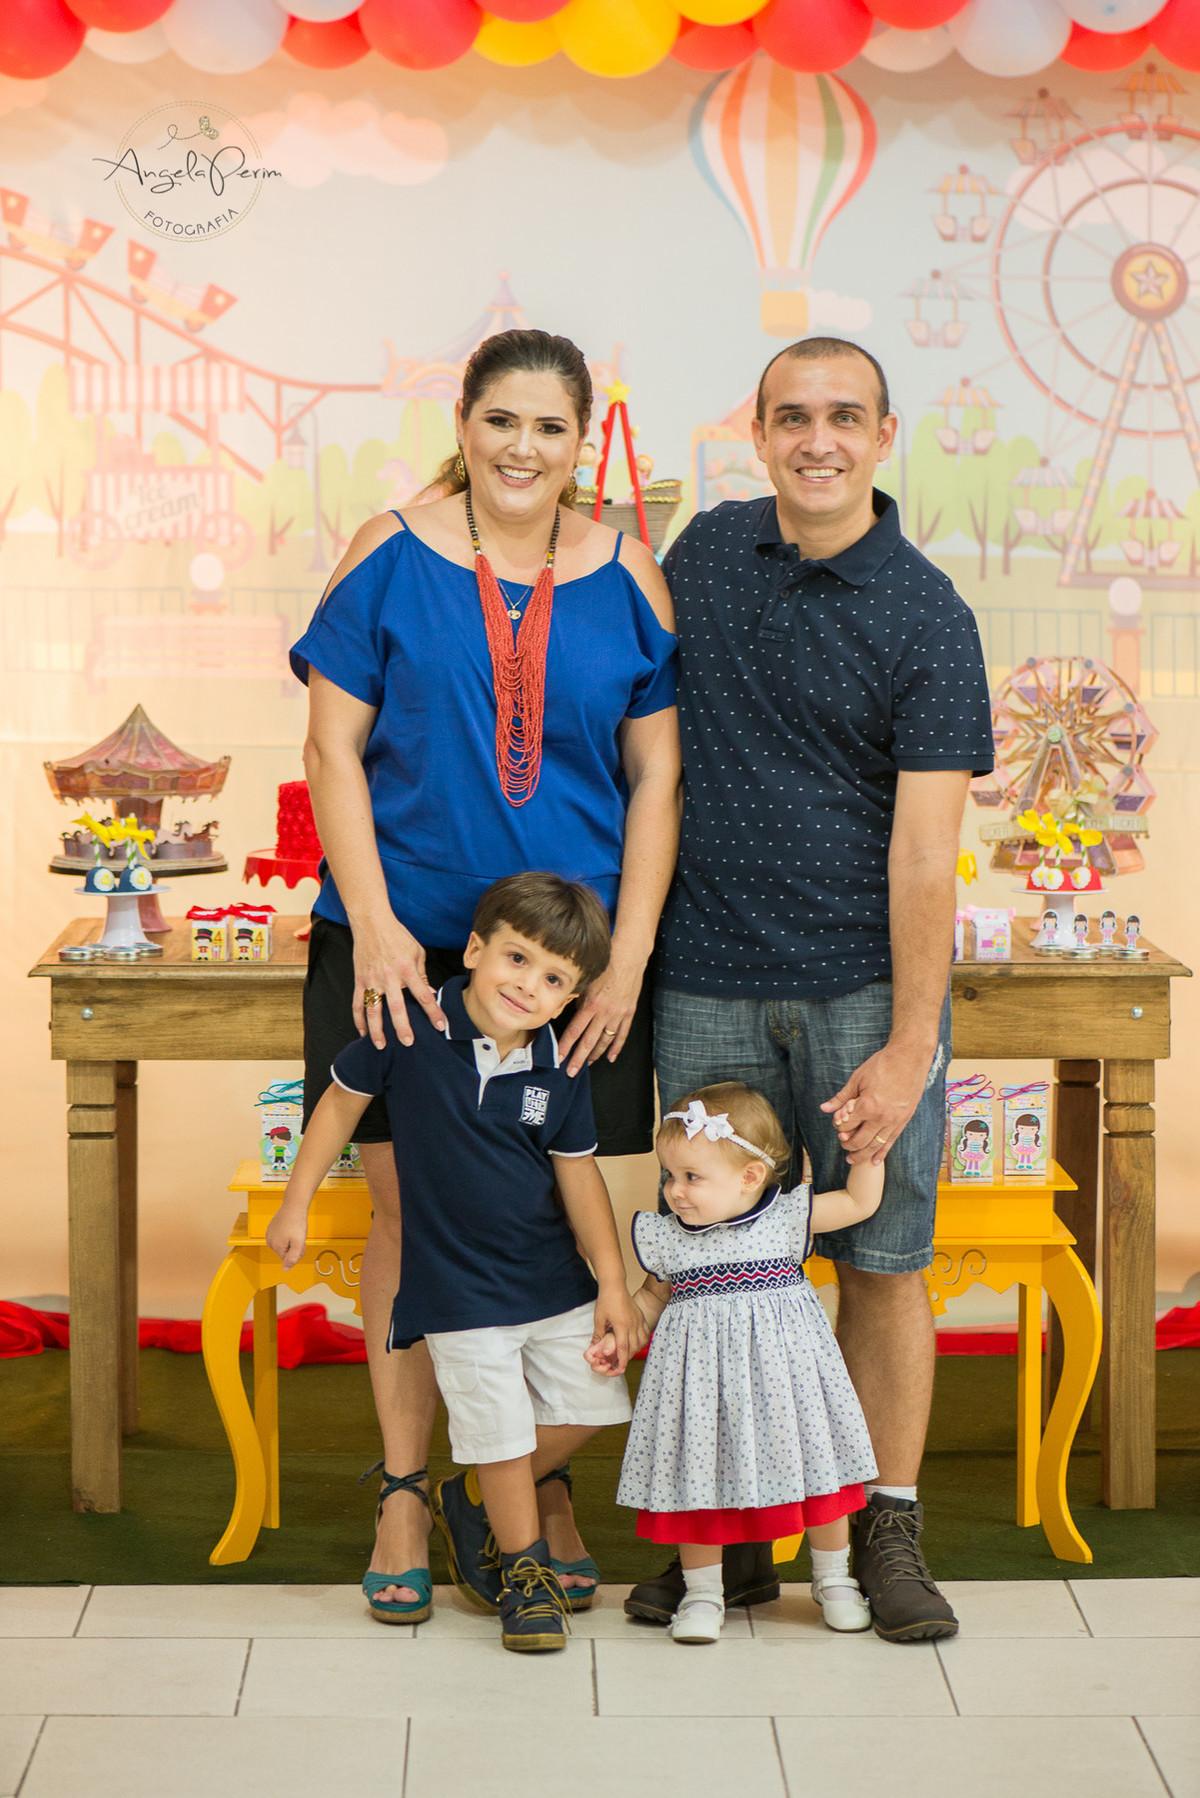 Aniversário 1 aninho Maria Alice e 4 anos Miguel - família linda